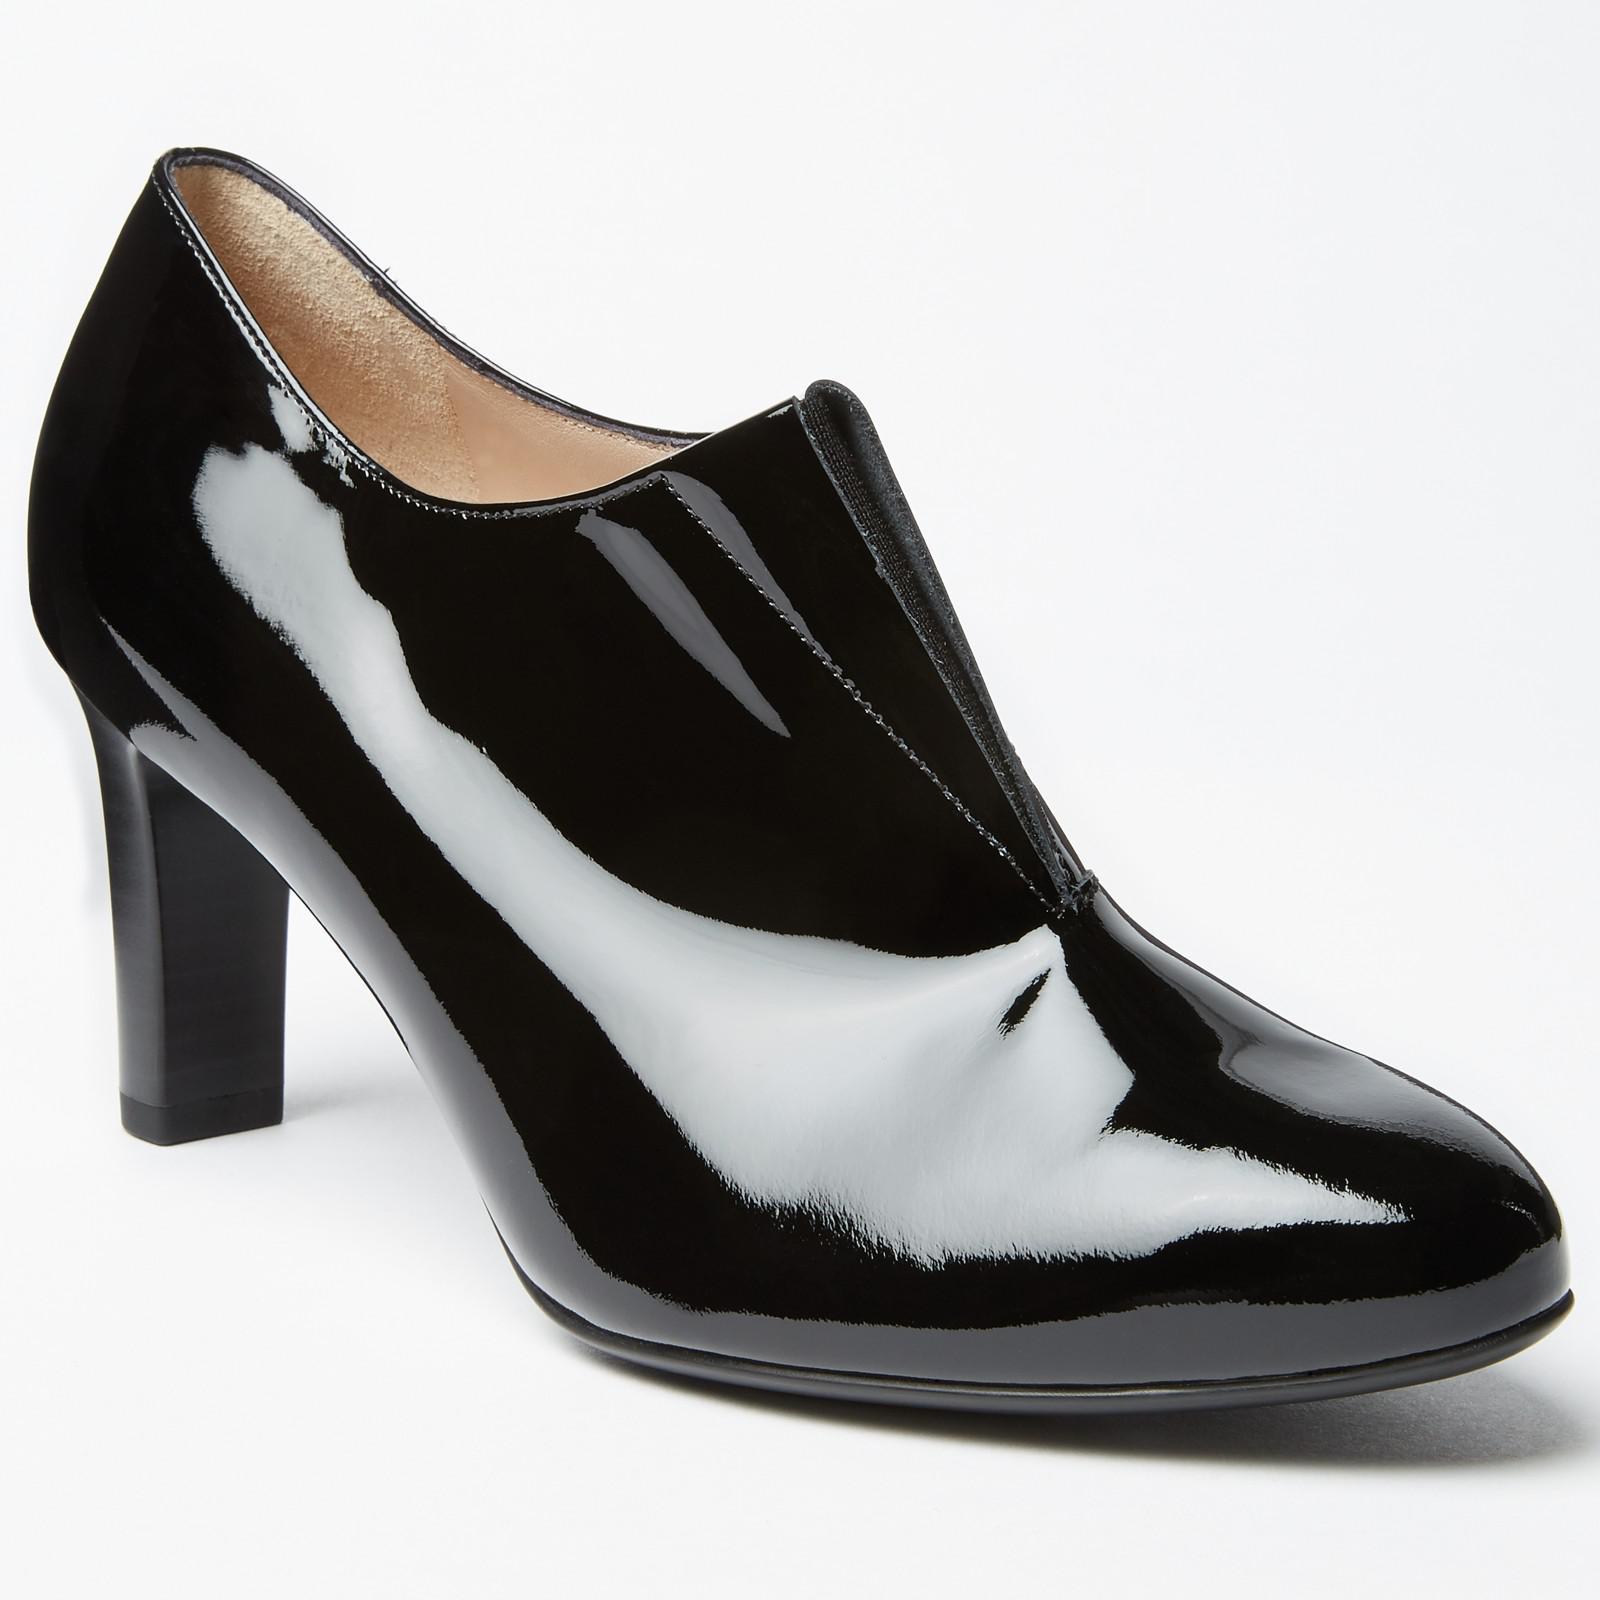 6950e82a7c23 Peter Kaiser Hanara Block Heeled Shoe Boots in Black - Lyst